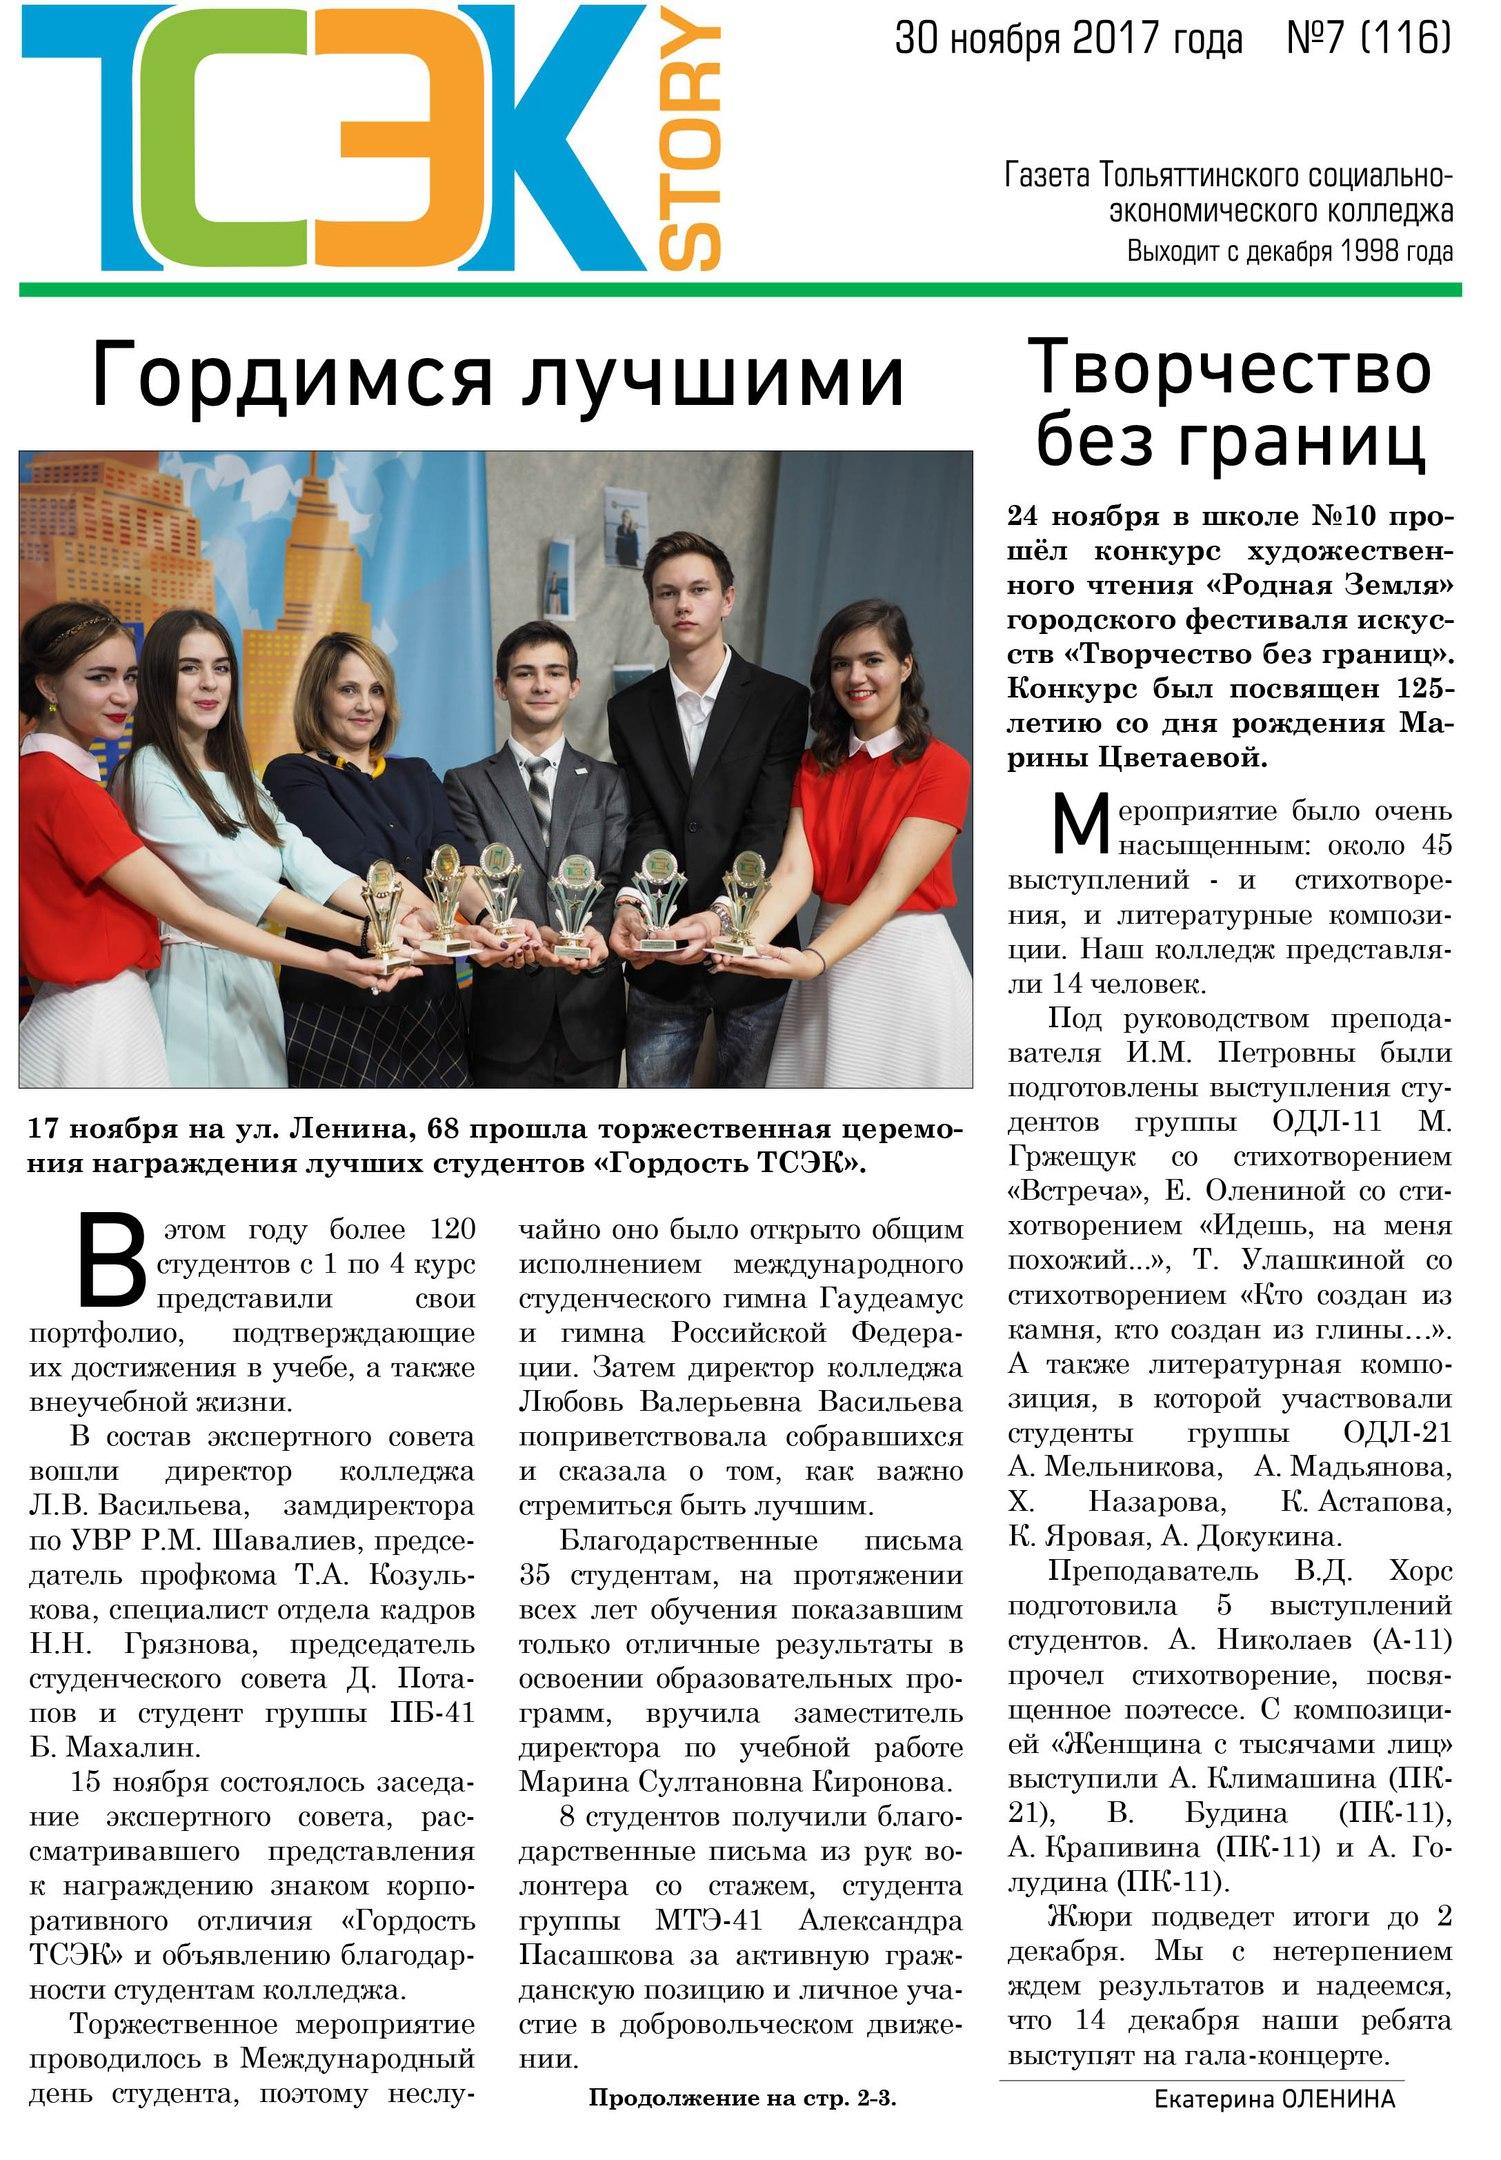 ТСЭКstory №7 (116) от 30.11.2017